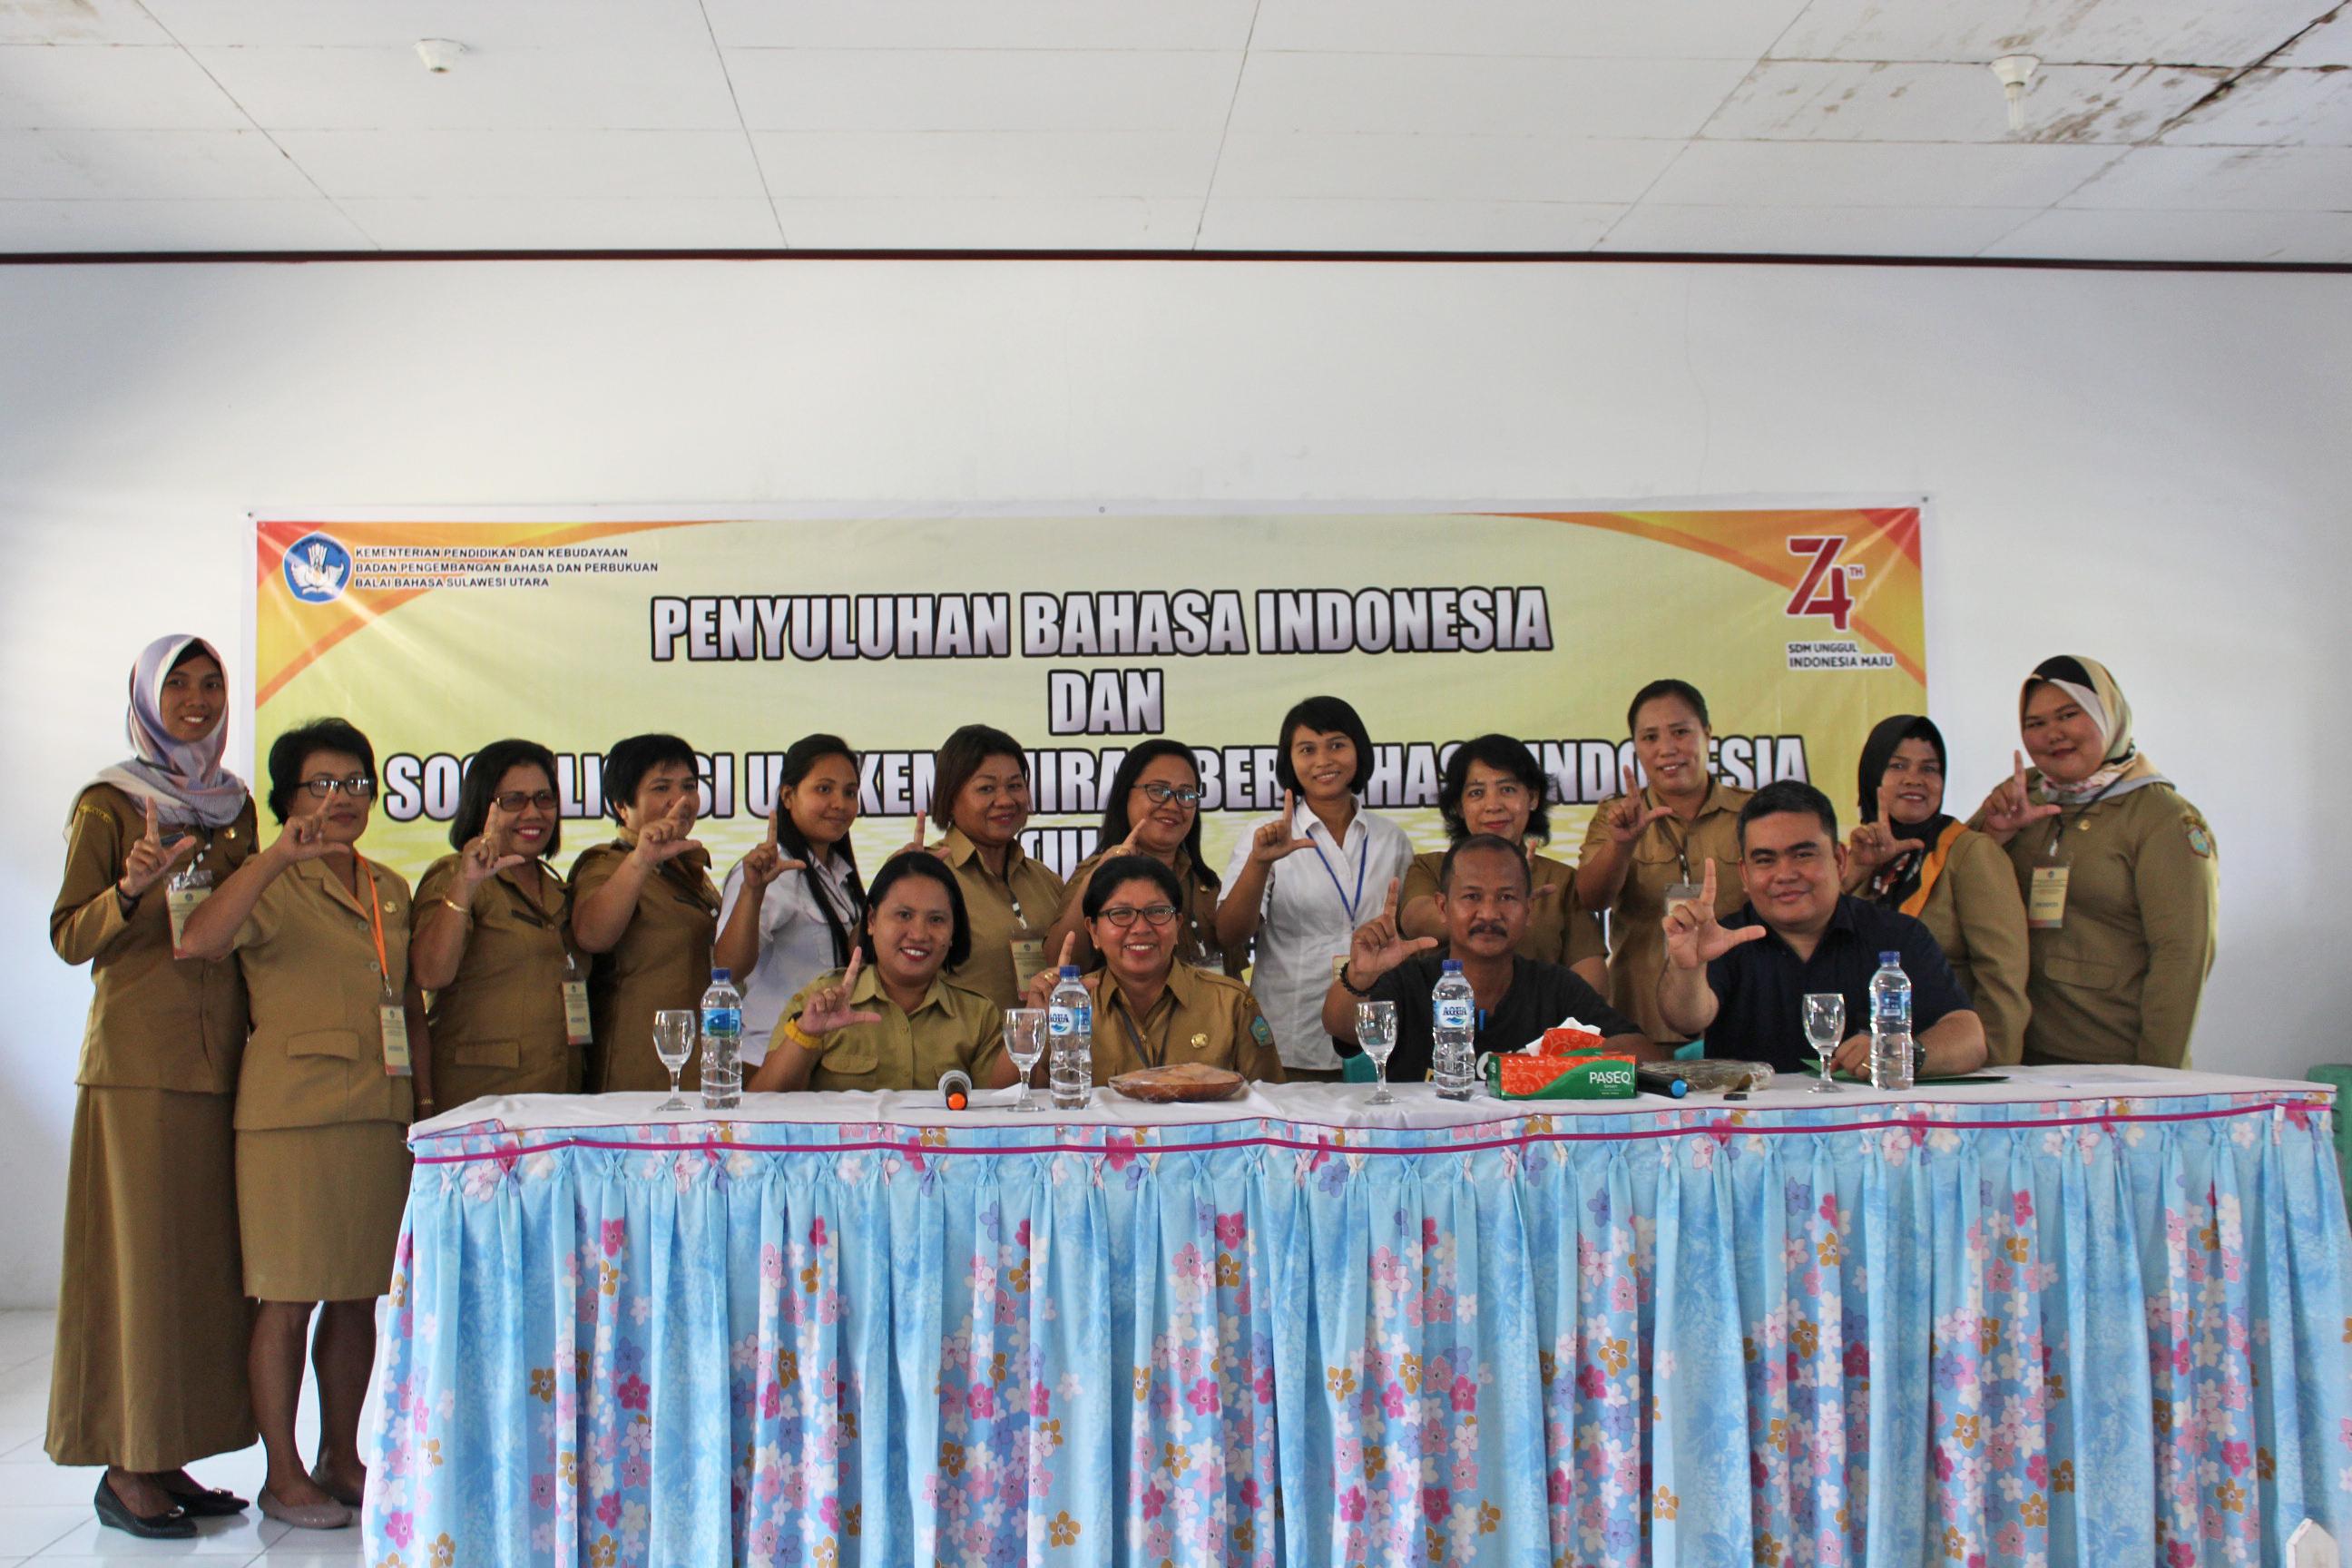 Penyuluhan Bahasa Indonesia dan Sosialisasi Uji Kemahiran Berbahasa Indonesia di Sangihe